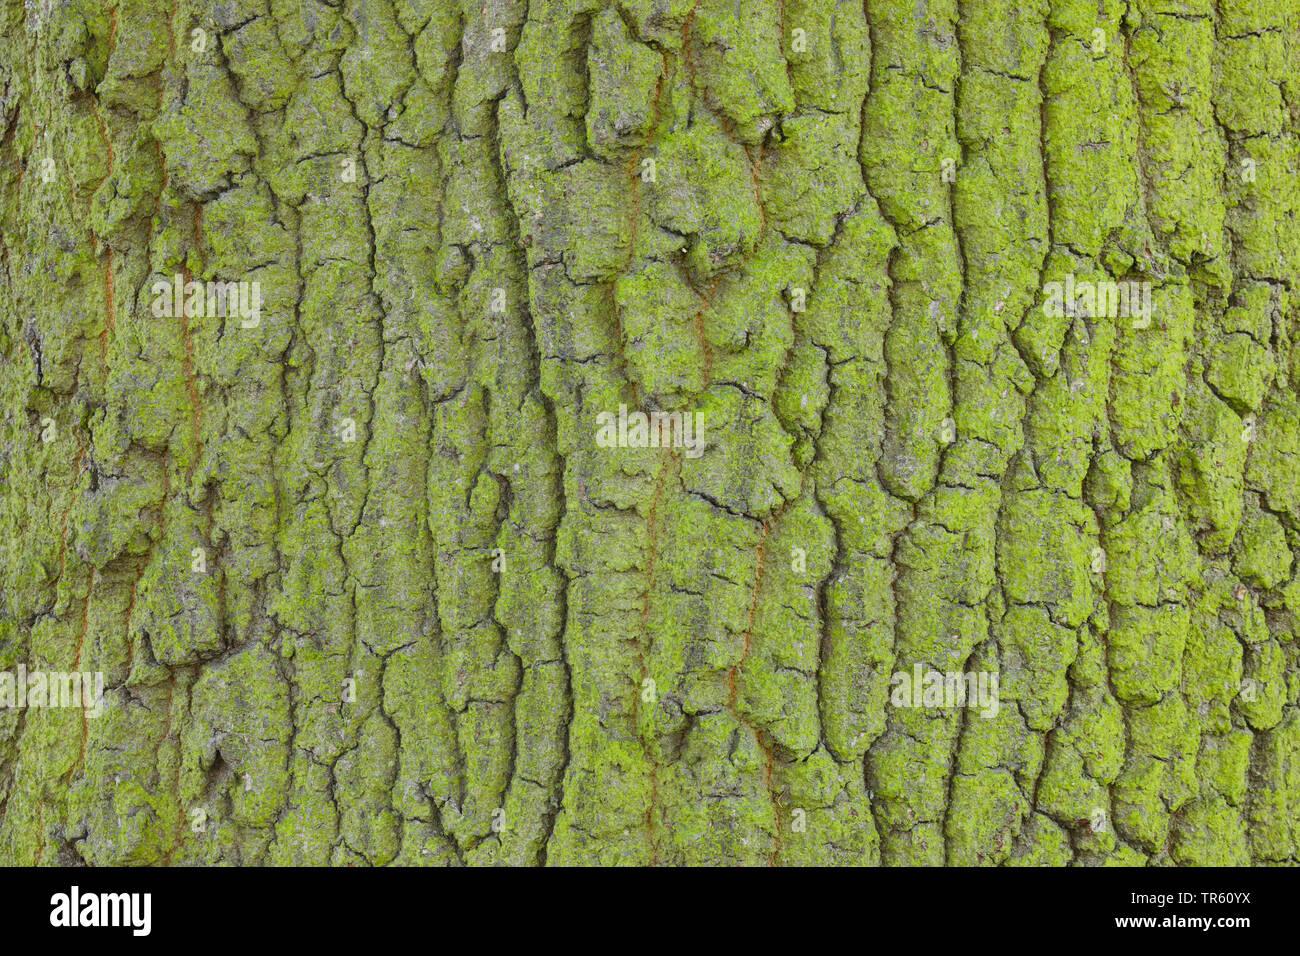 Stiel-Eiche, Stieleiche (Quercus robur. Quercus pedunculata), Eichenrinde von Algen ueberzogen, Grossbritannien, England   common oak, pedunculate oak Stock Photo